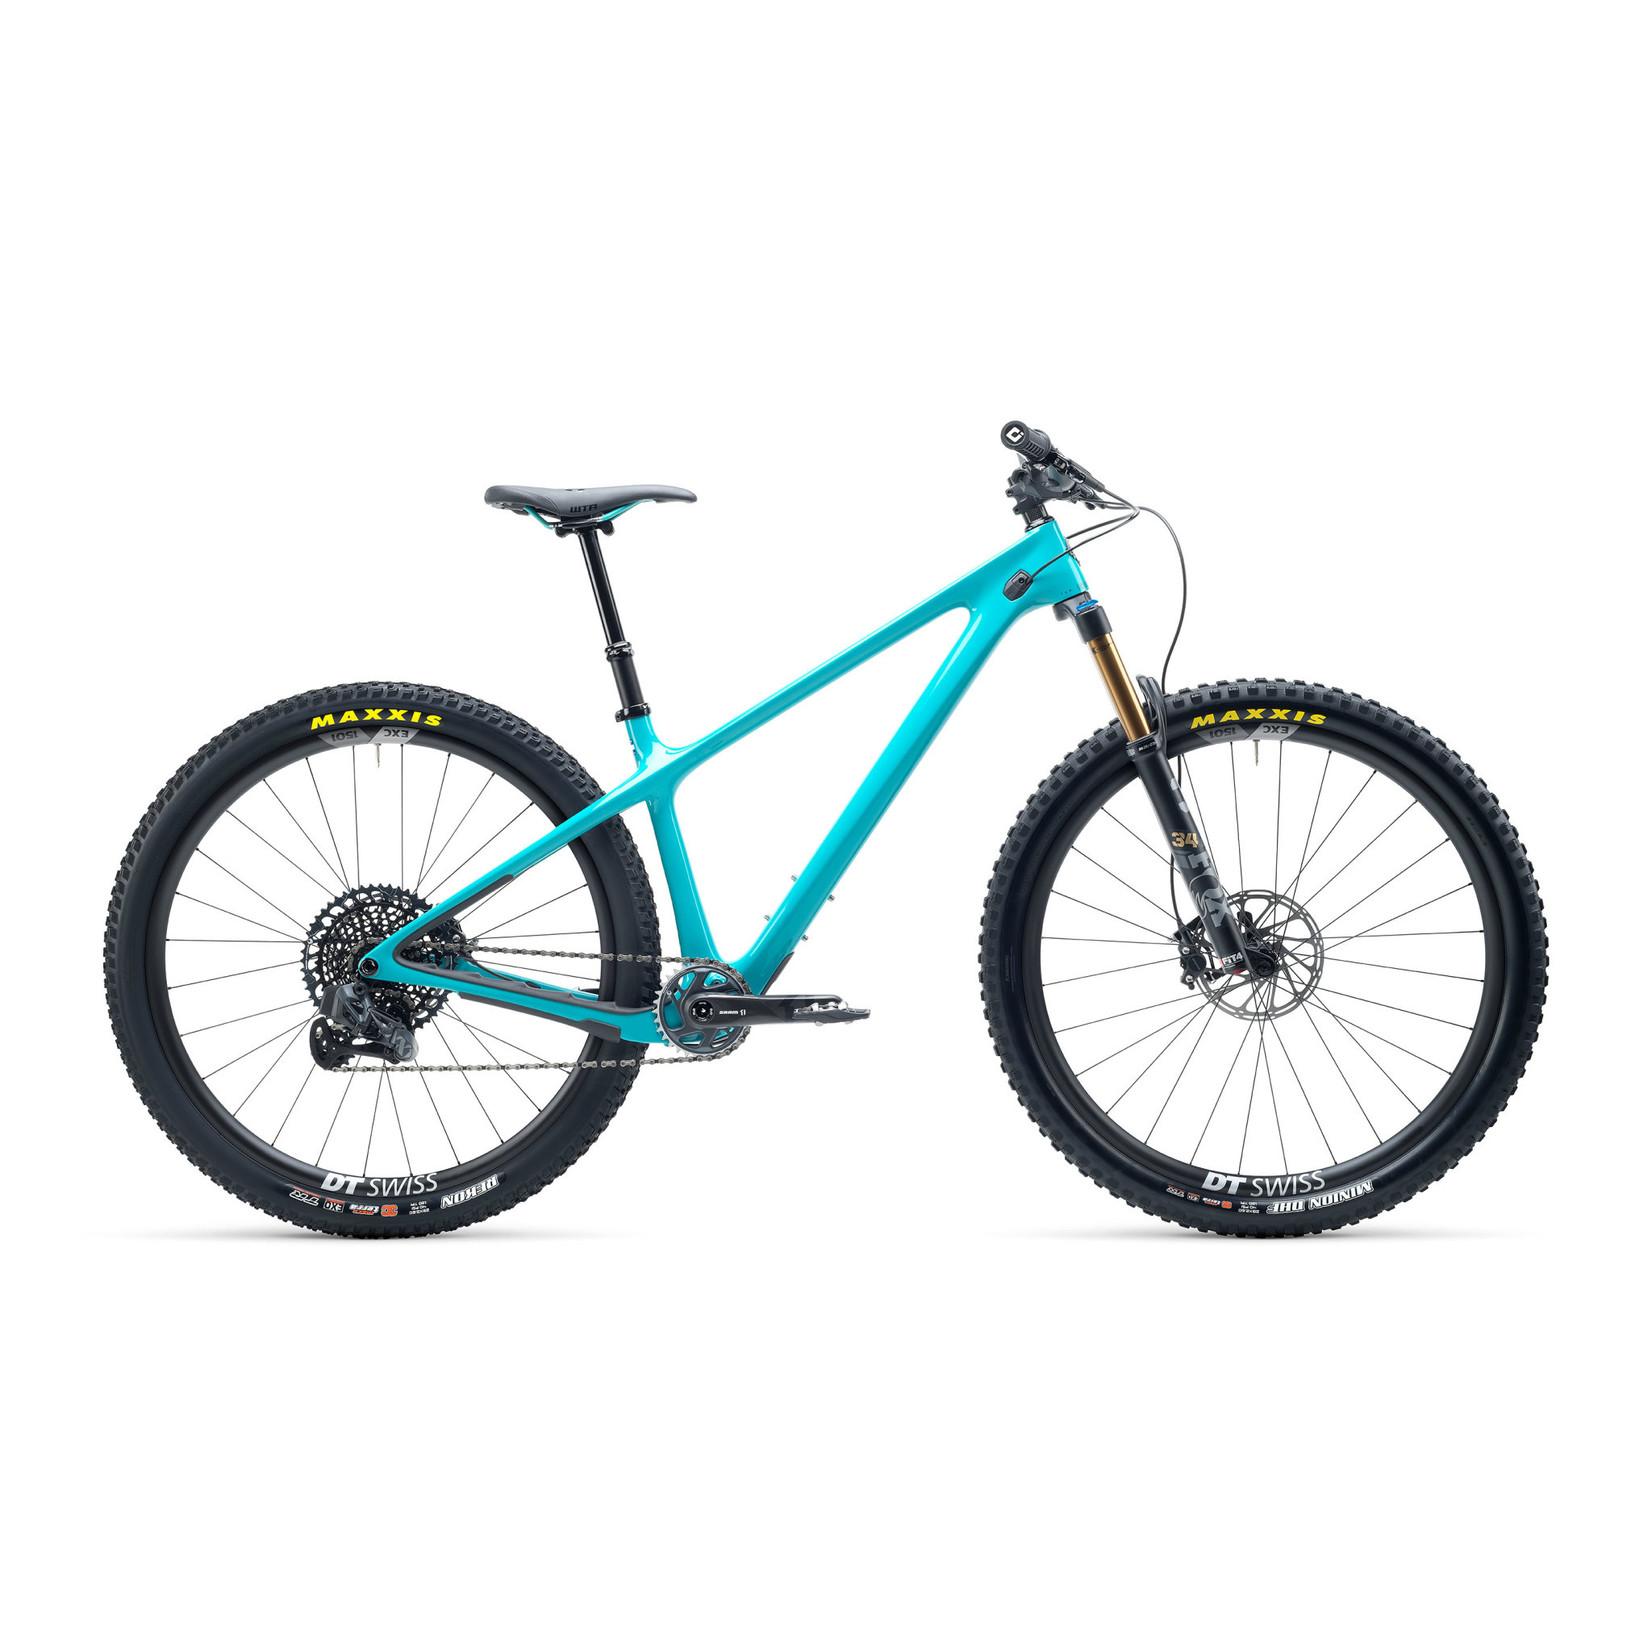 Yeti Cycles Yeti ARC LG TURQ T2 EXC AXS